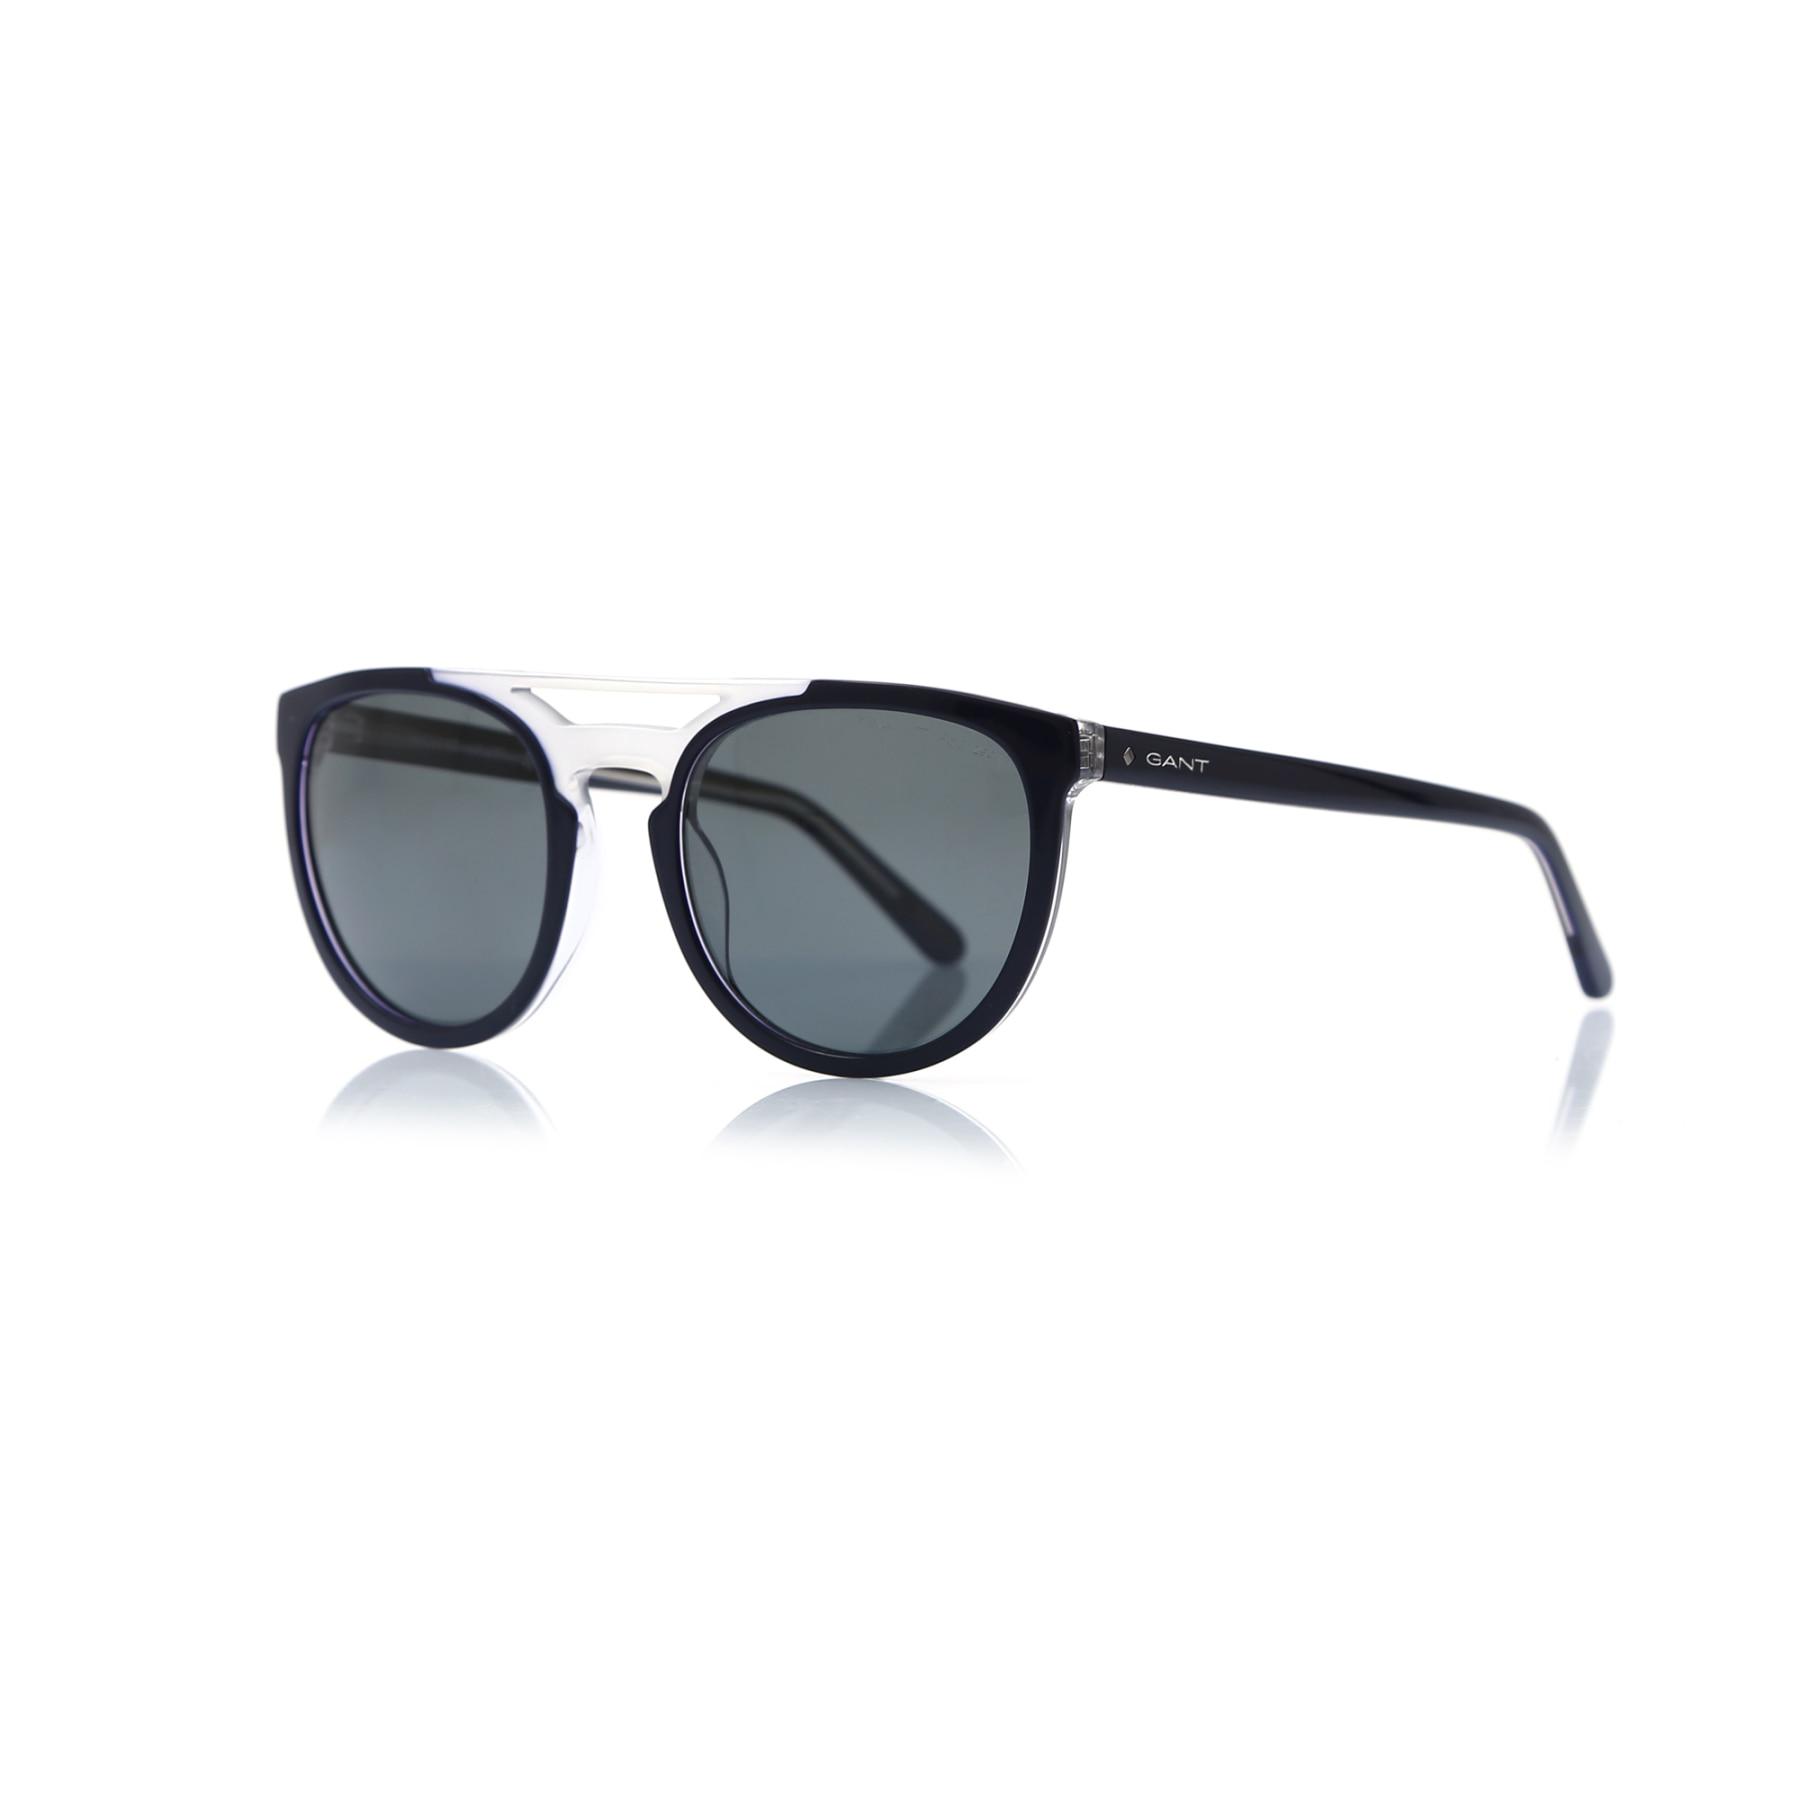 Men's sunglasses gnt 7104 90d bone navy blue organic oval aval 55-22-145 gant